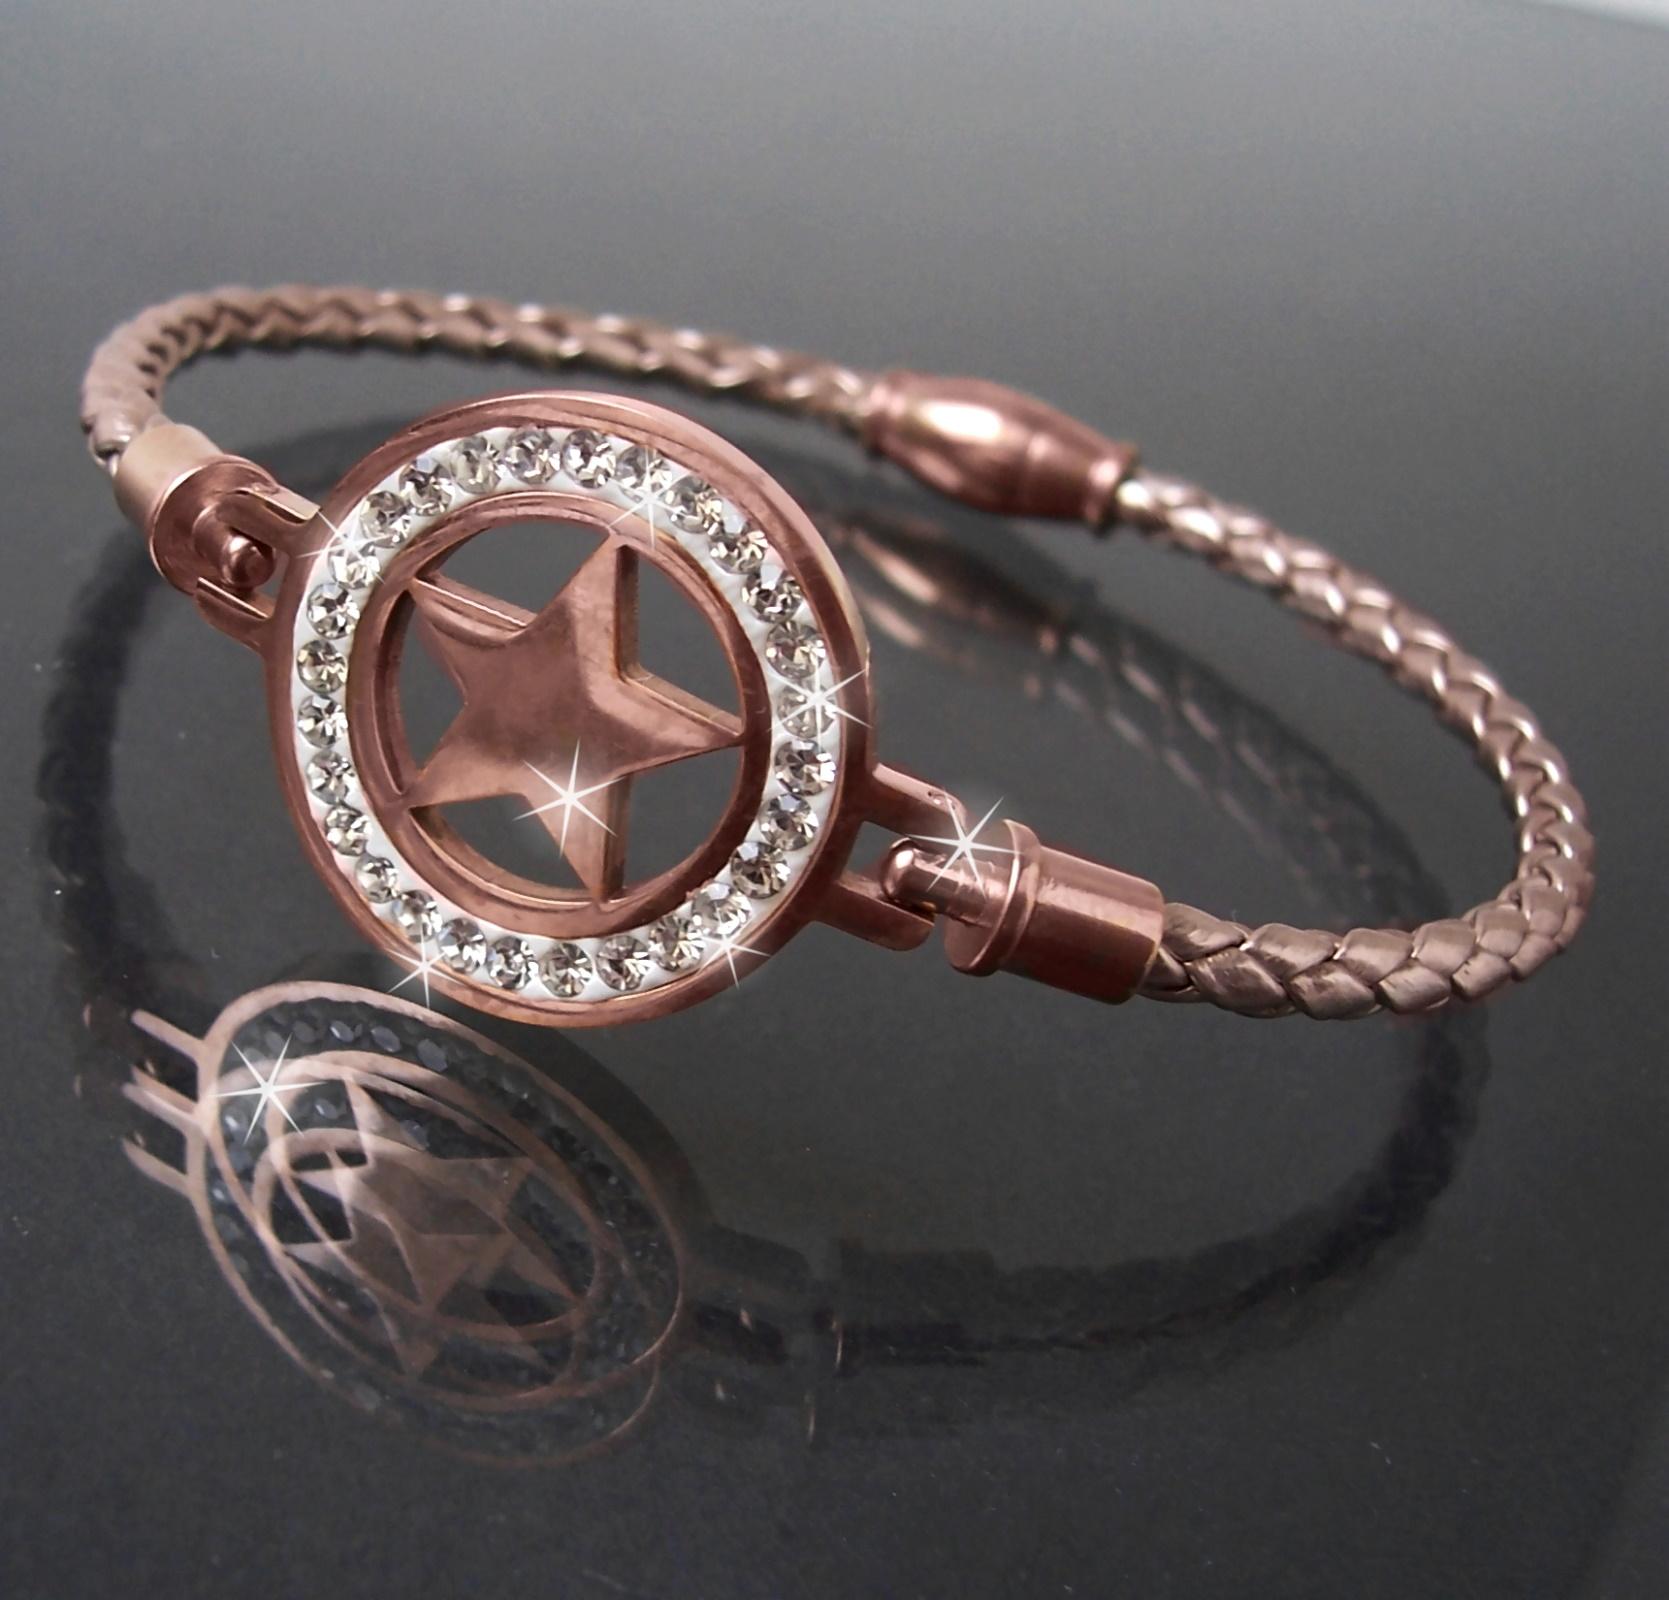 Armband Leder rosé Edelstahl Magnet Stern Roségold Strass Damen A77750